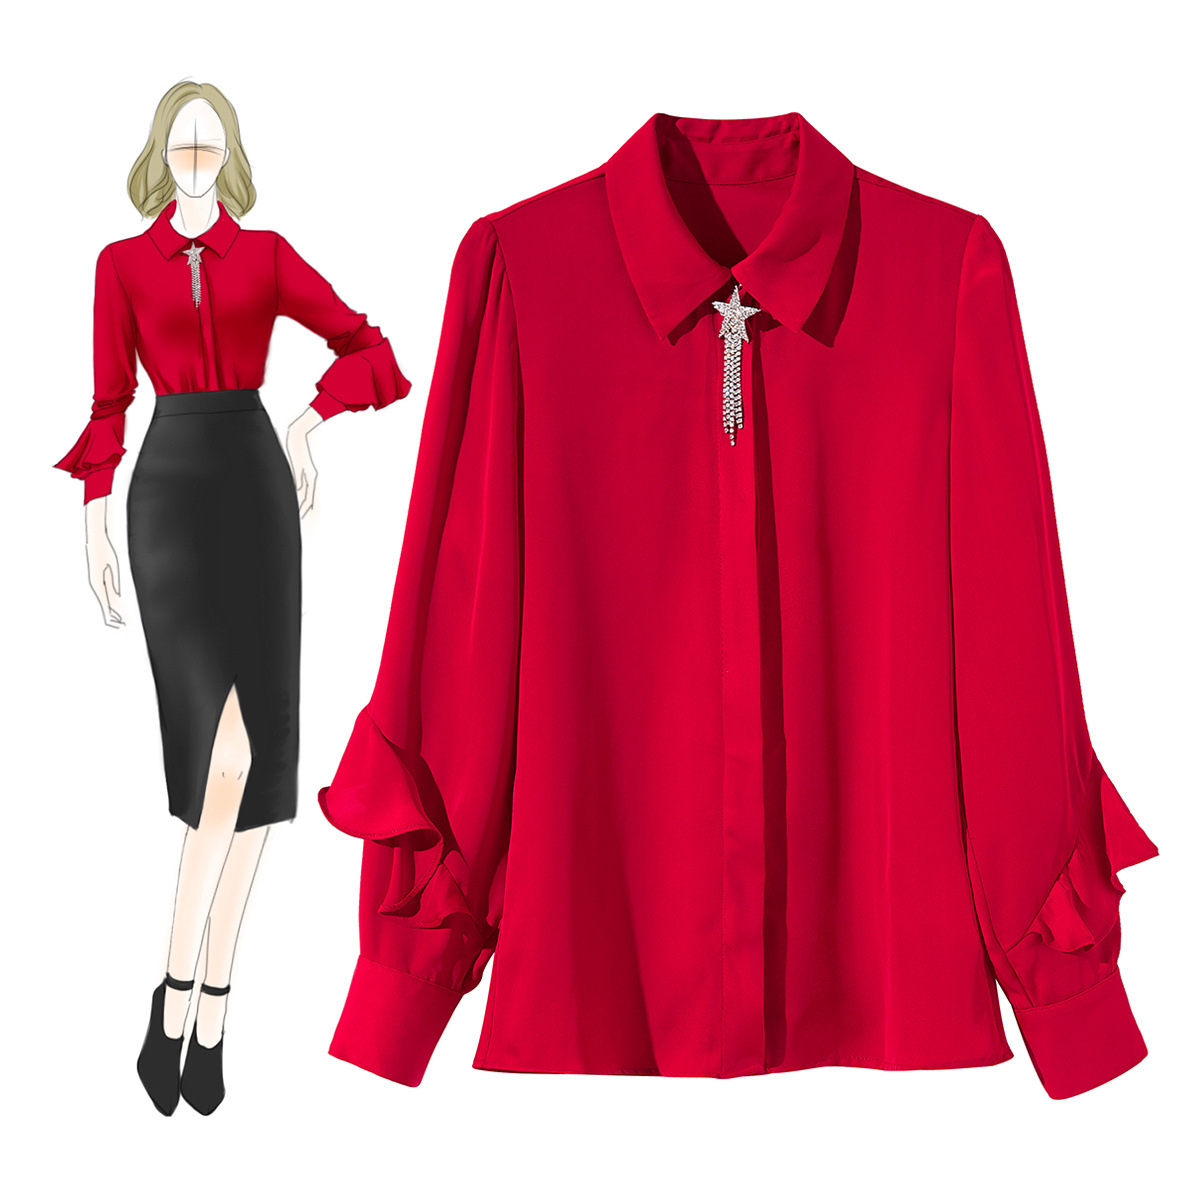 2019 printemps été femmes haut à la mode designer blouse dames élégant volants à manches longues slim chemises blusas vêtements rouge/blanc